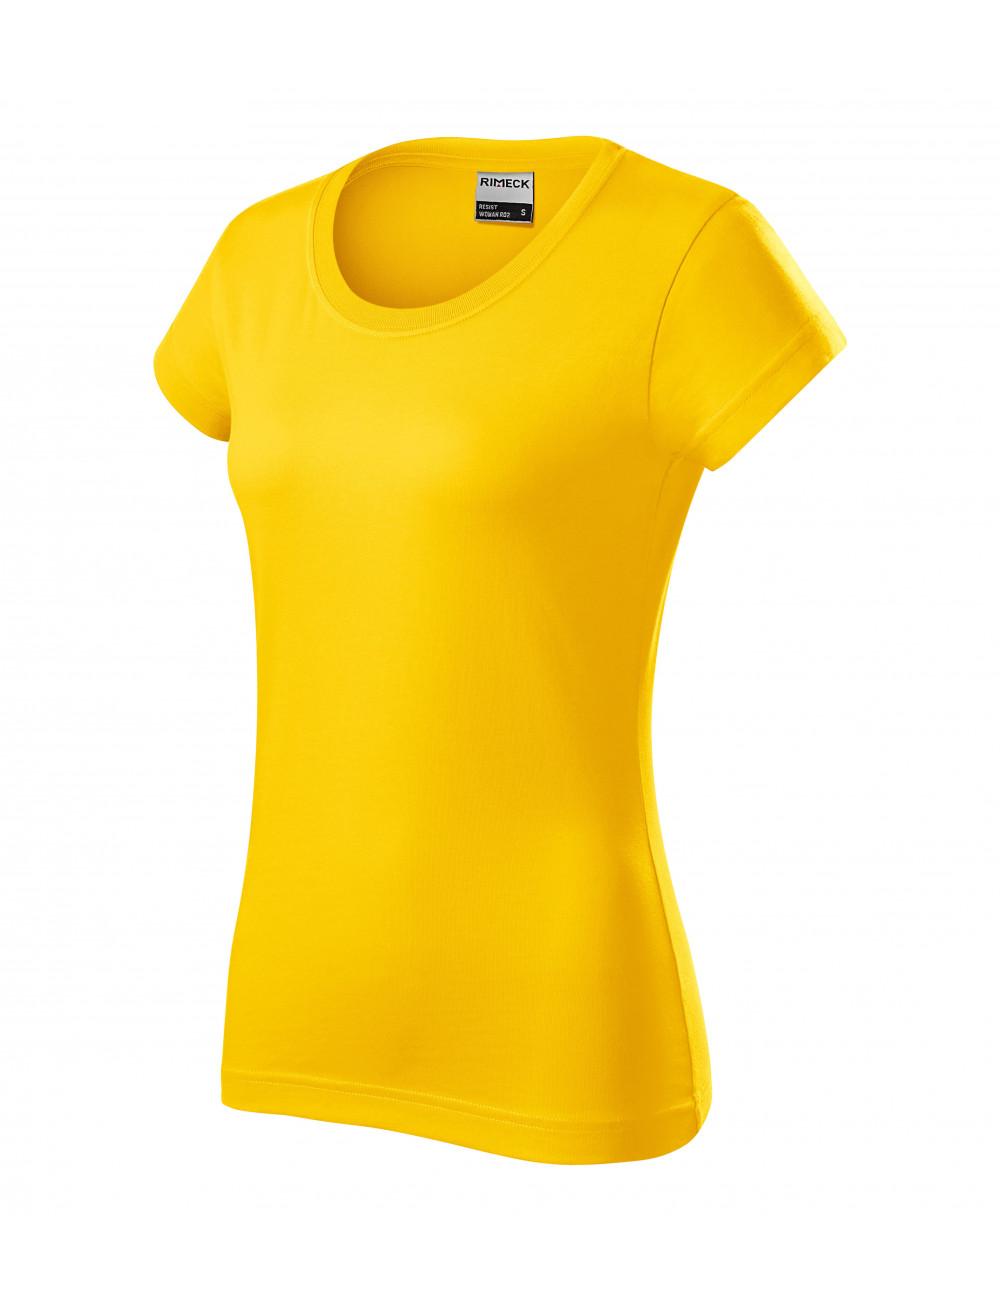 Adler RIMECK Koszulka damska Resist R02 żółty